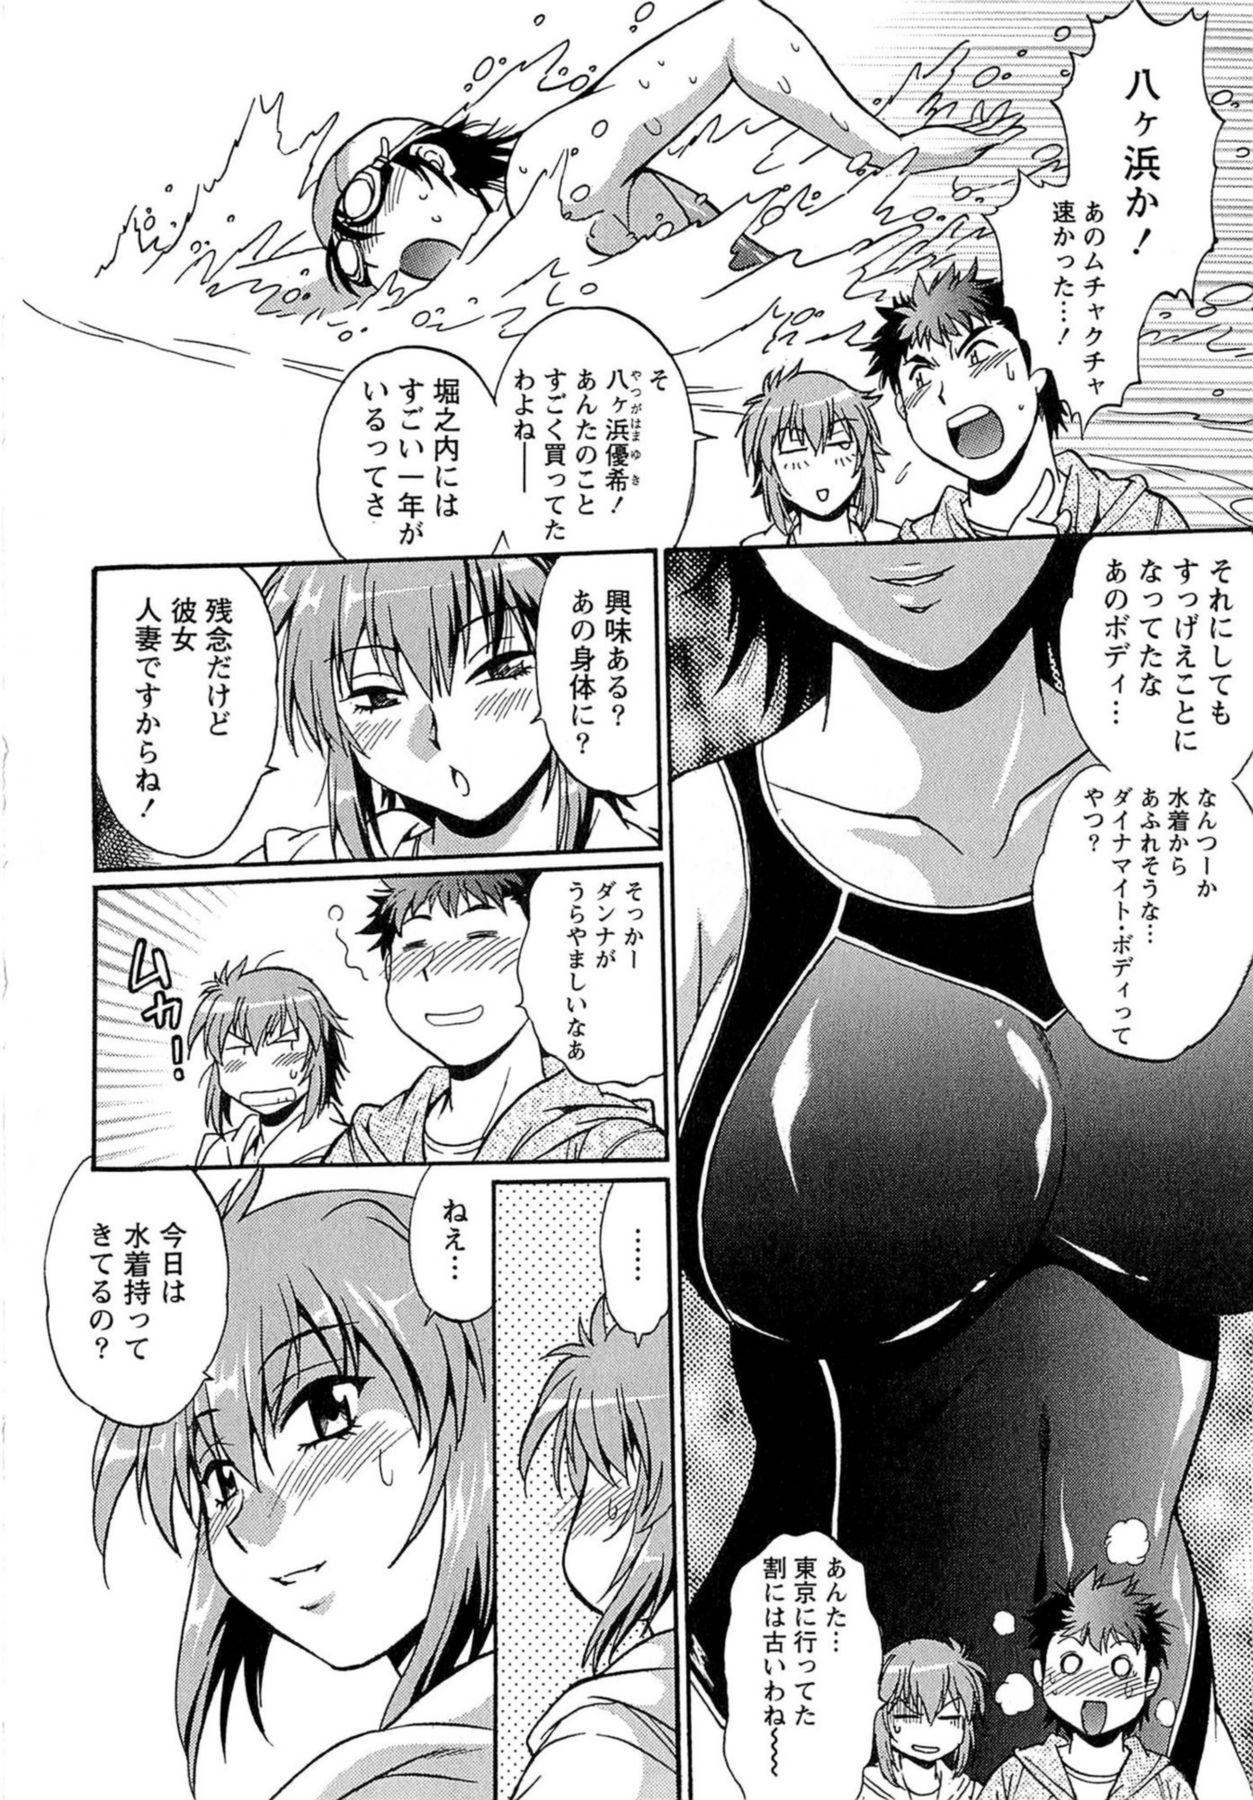 Kuikomi wo Naoshiteru Hima wa Nai! Vol. 1 18